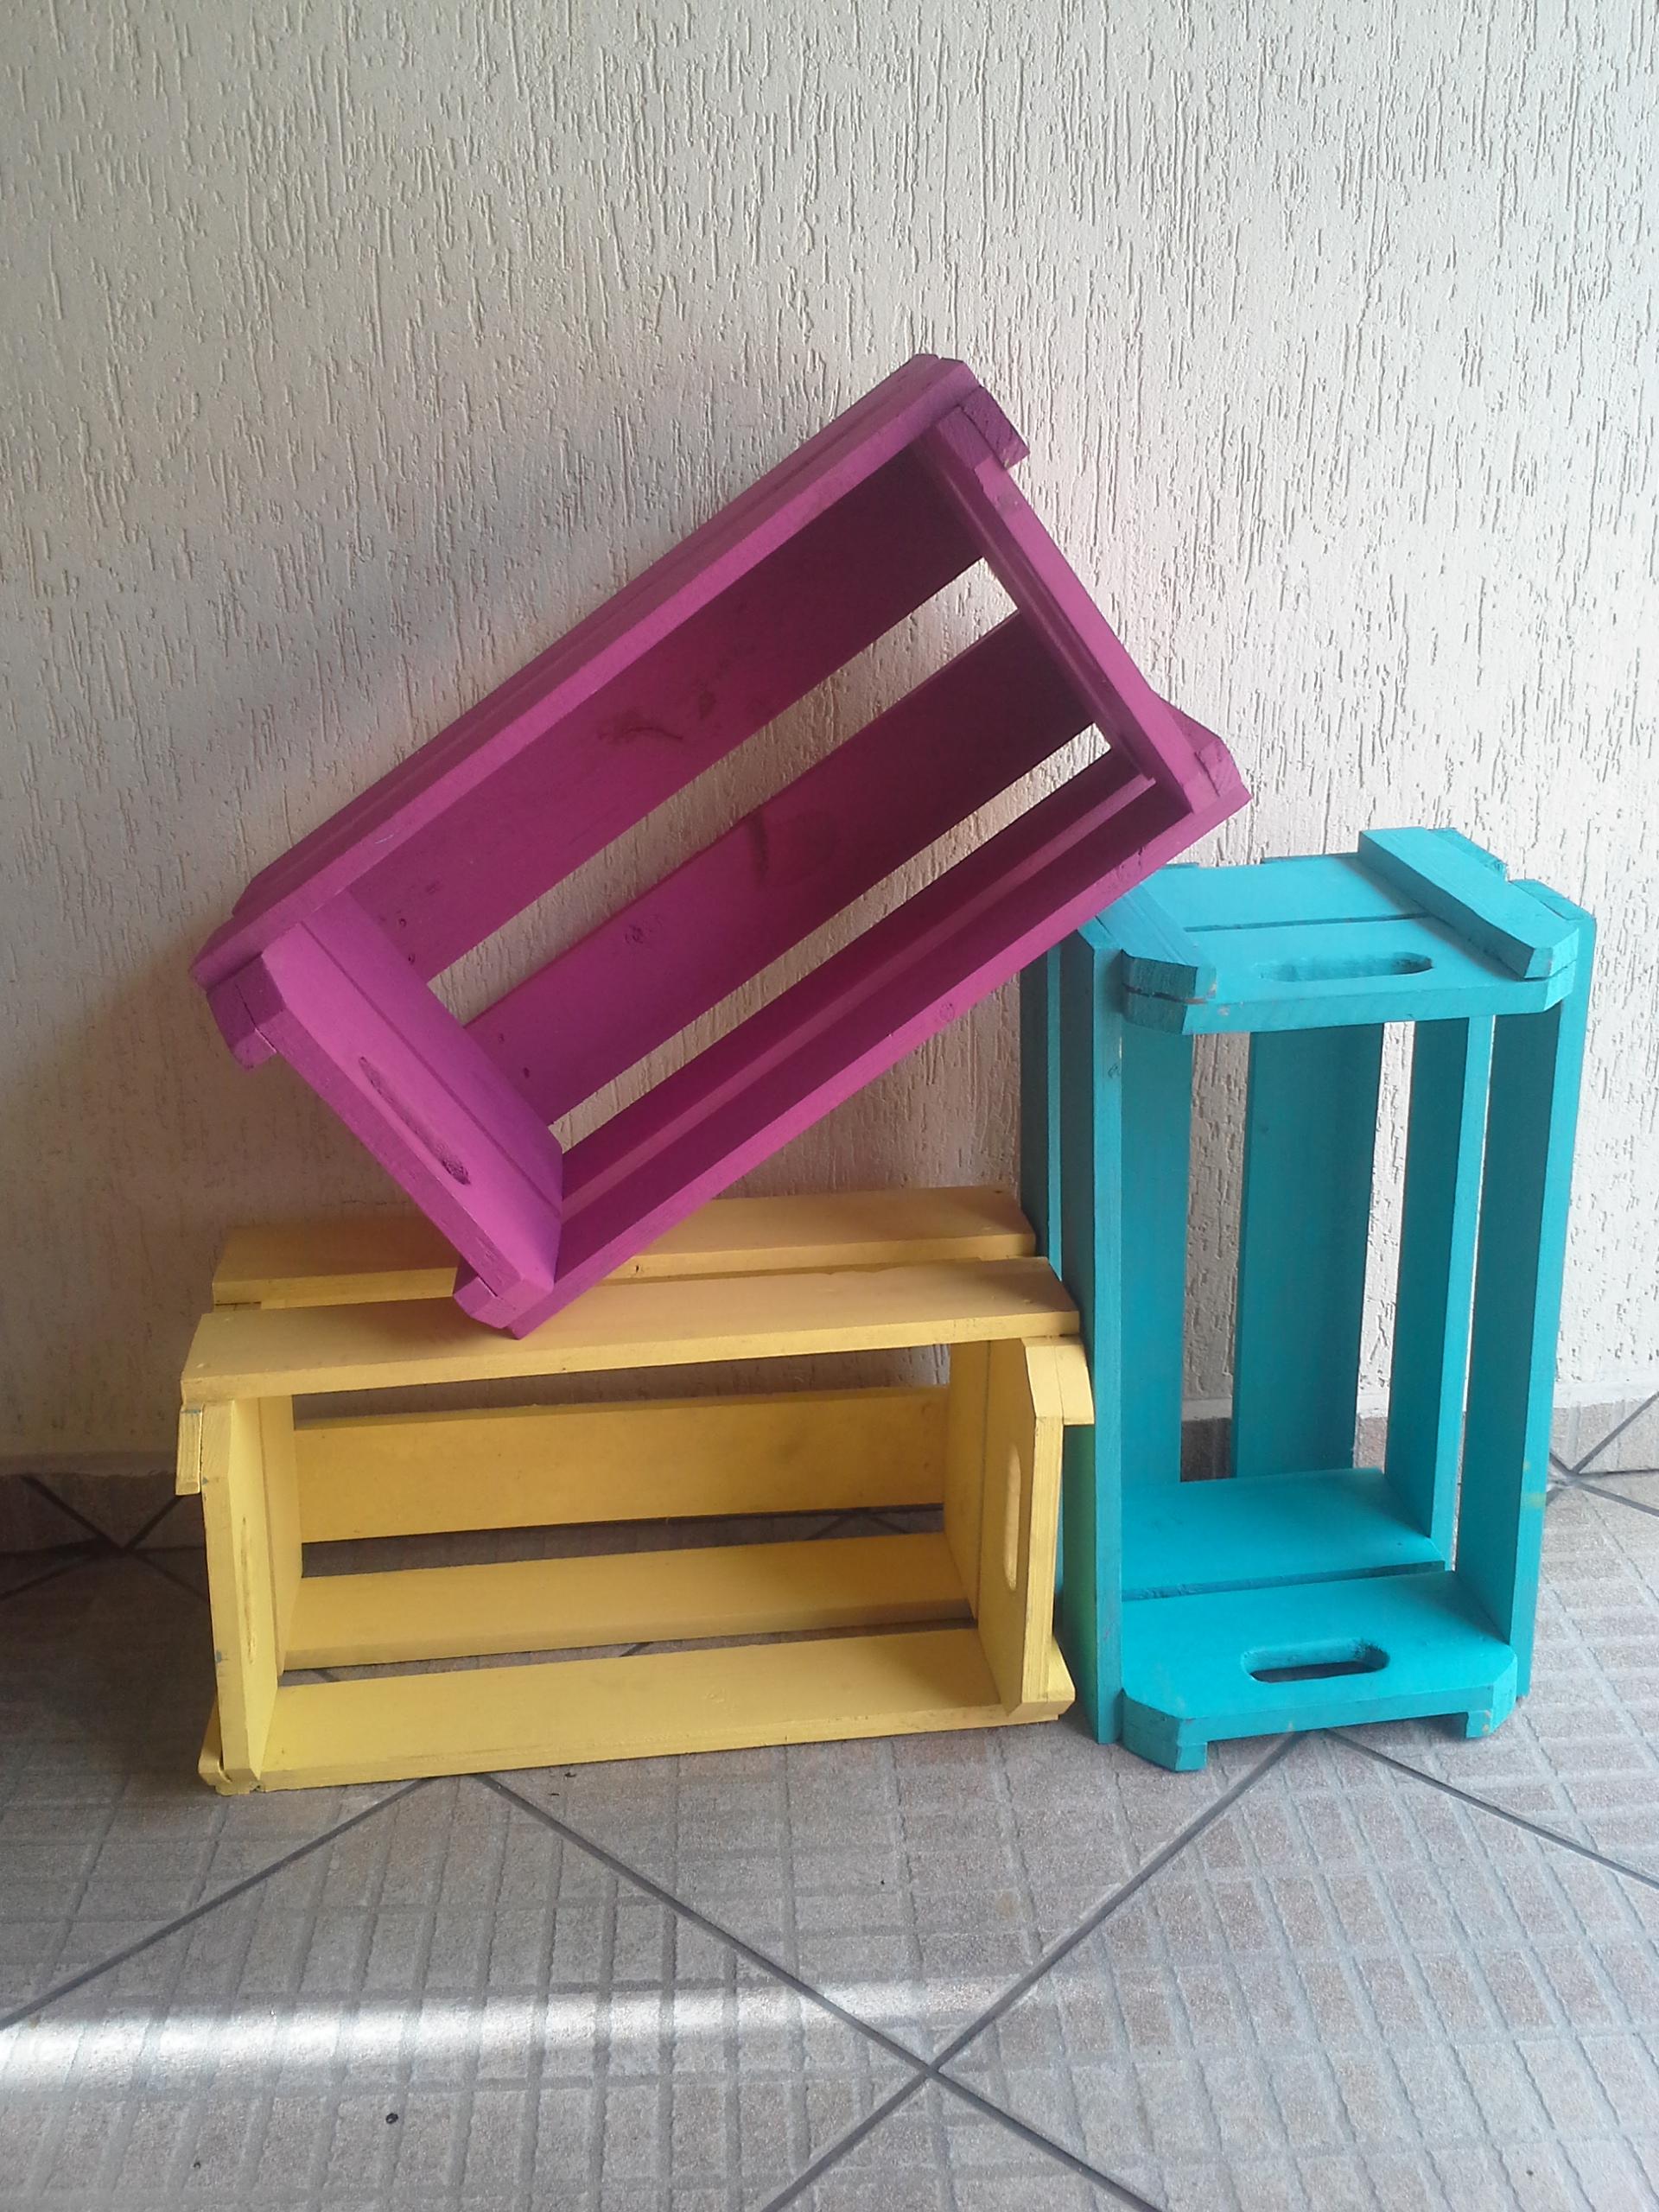 caixote de feira colorido e pintado feira caixote de feira colorido e  #2197AA 1920x2560